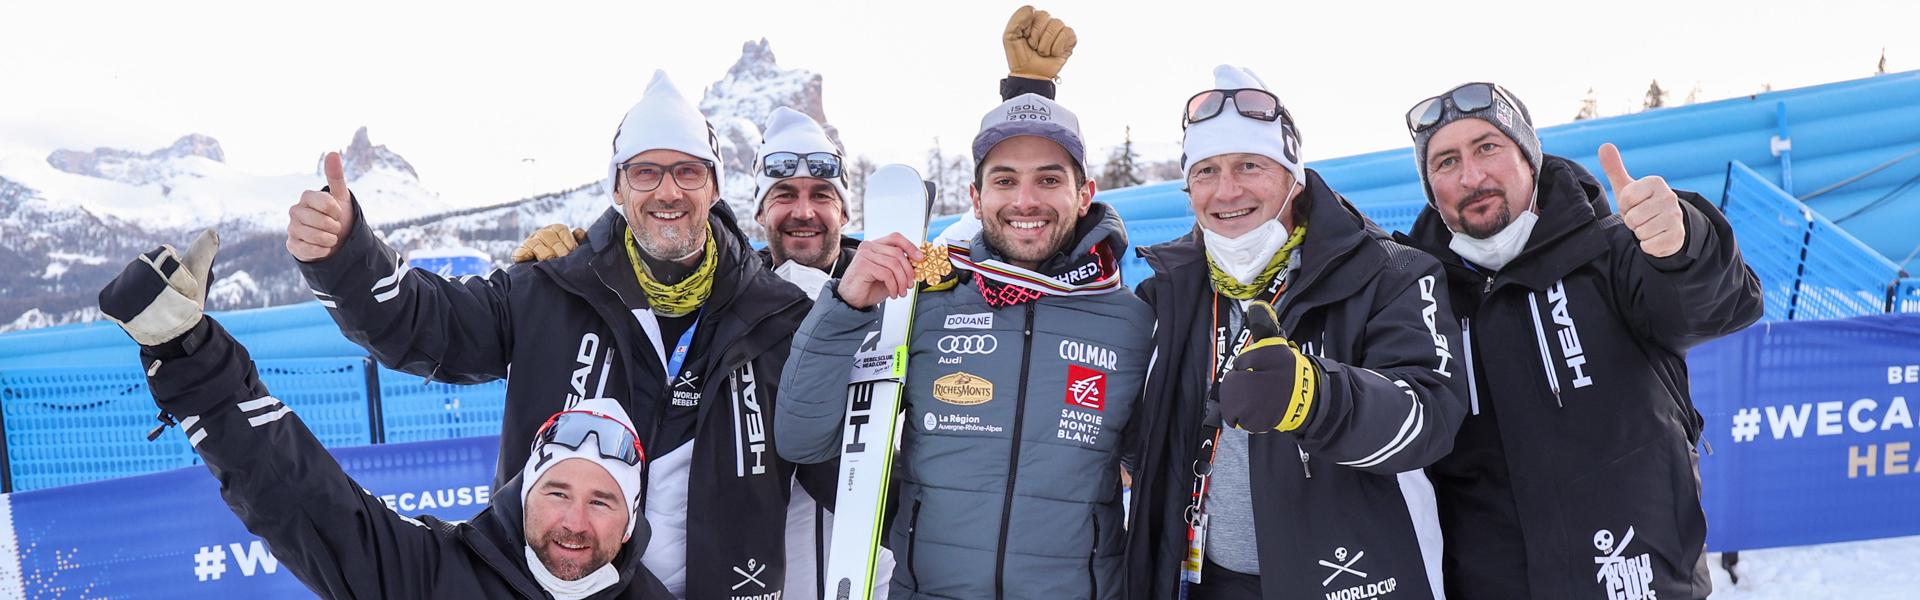 Gold for Mathieu Faivre at World Championship début